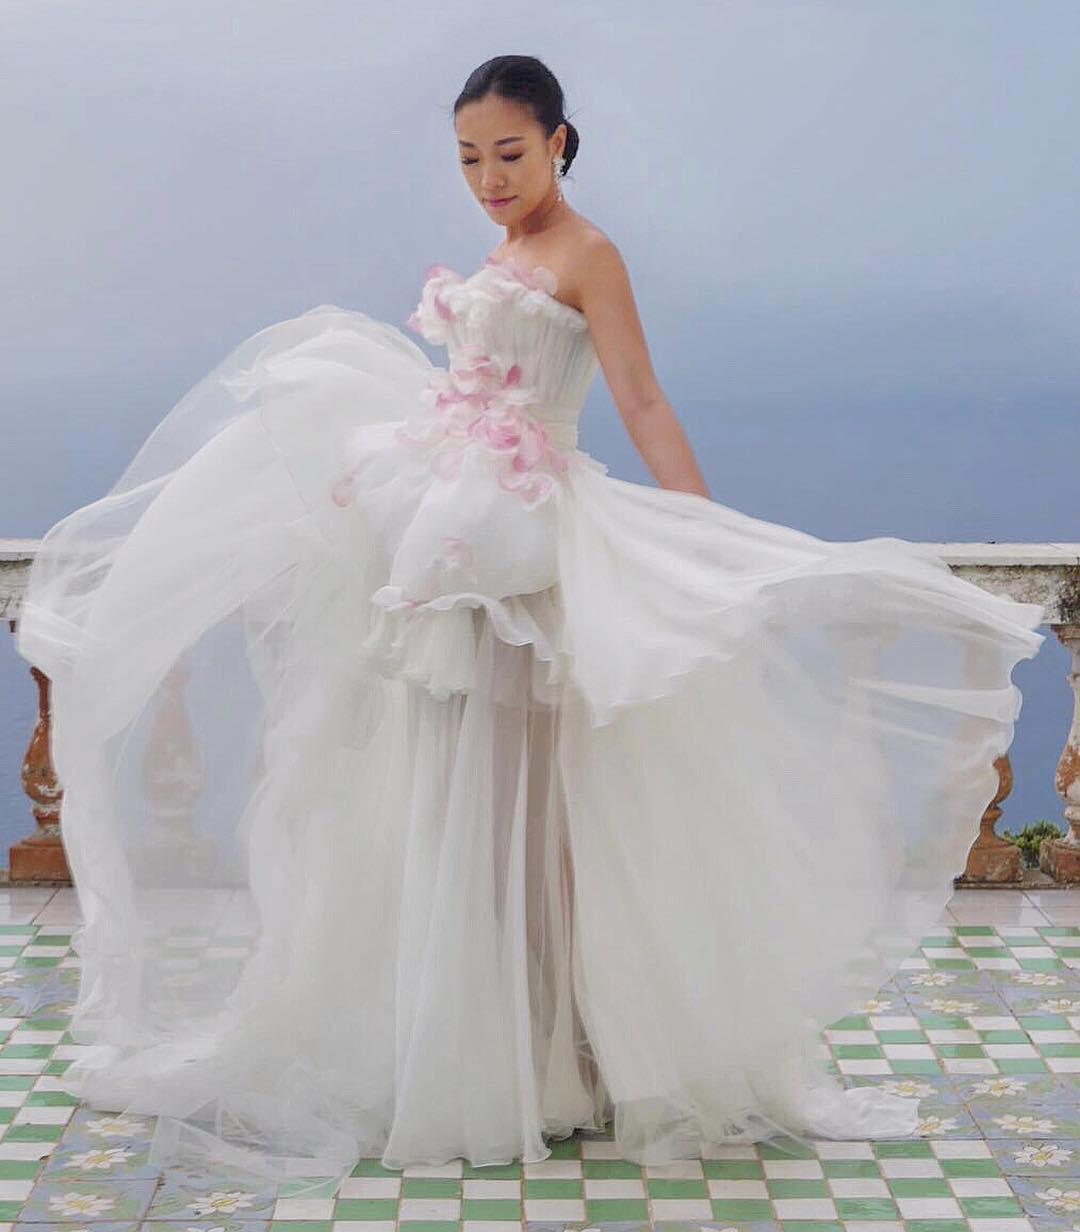 over the top weddingsdb21c39bf63a9890f91bafec79b3f72772a88a1a.jpg